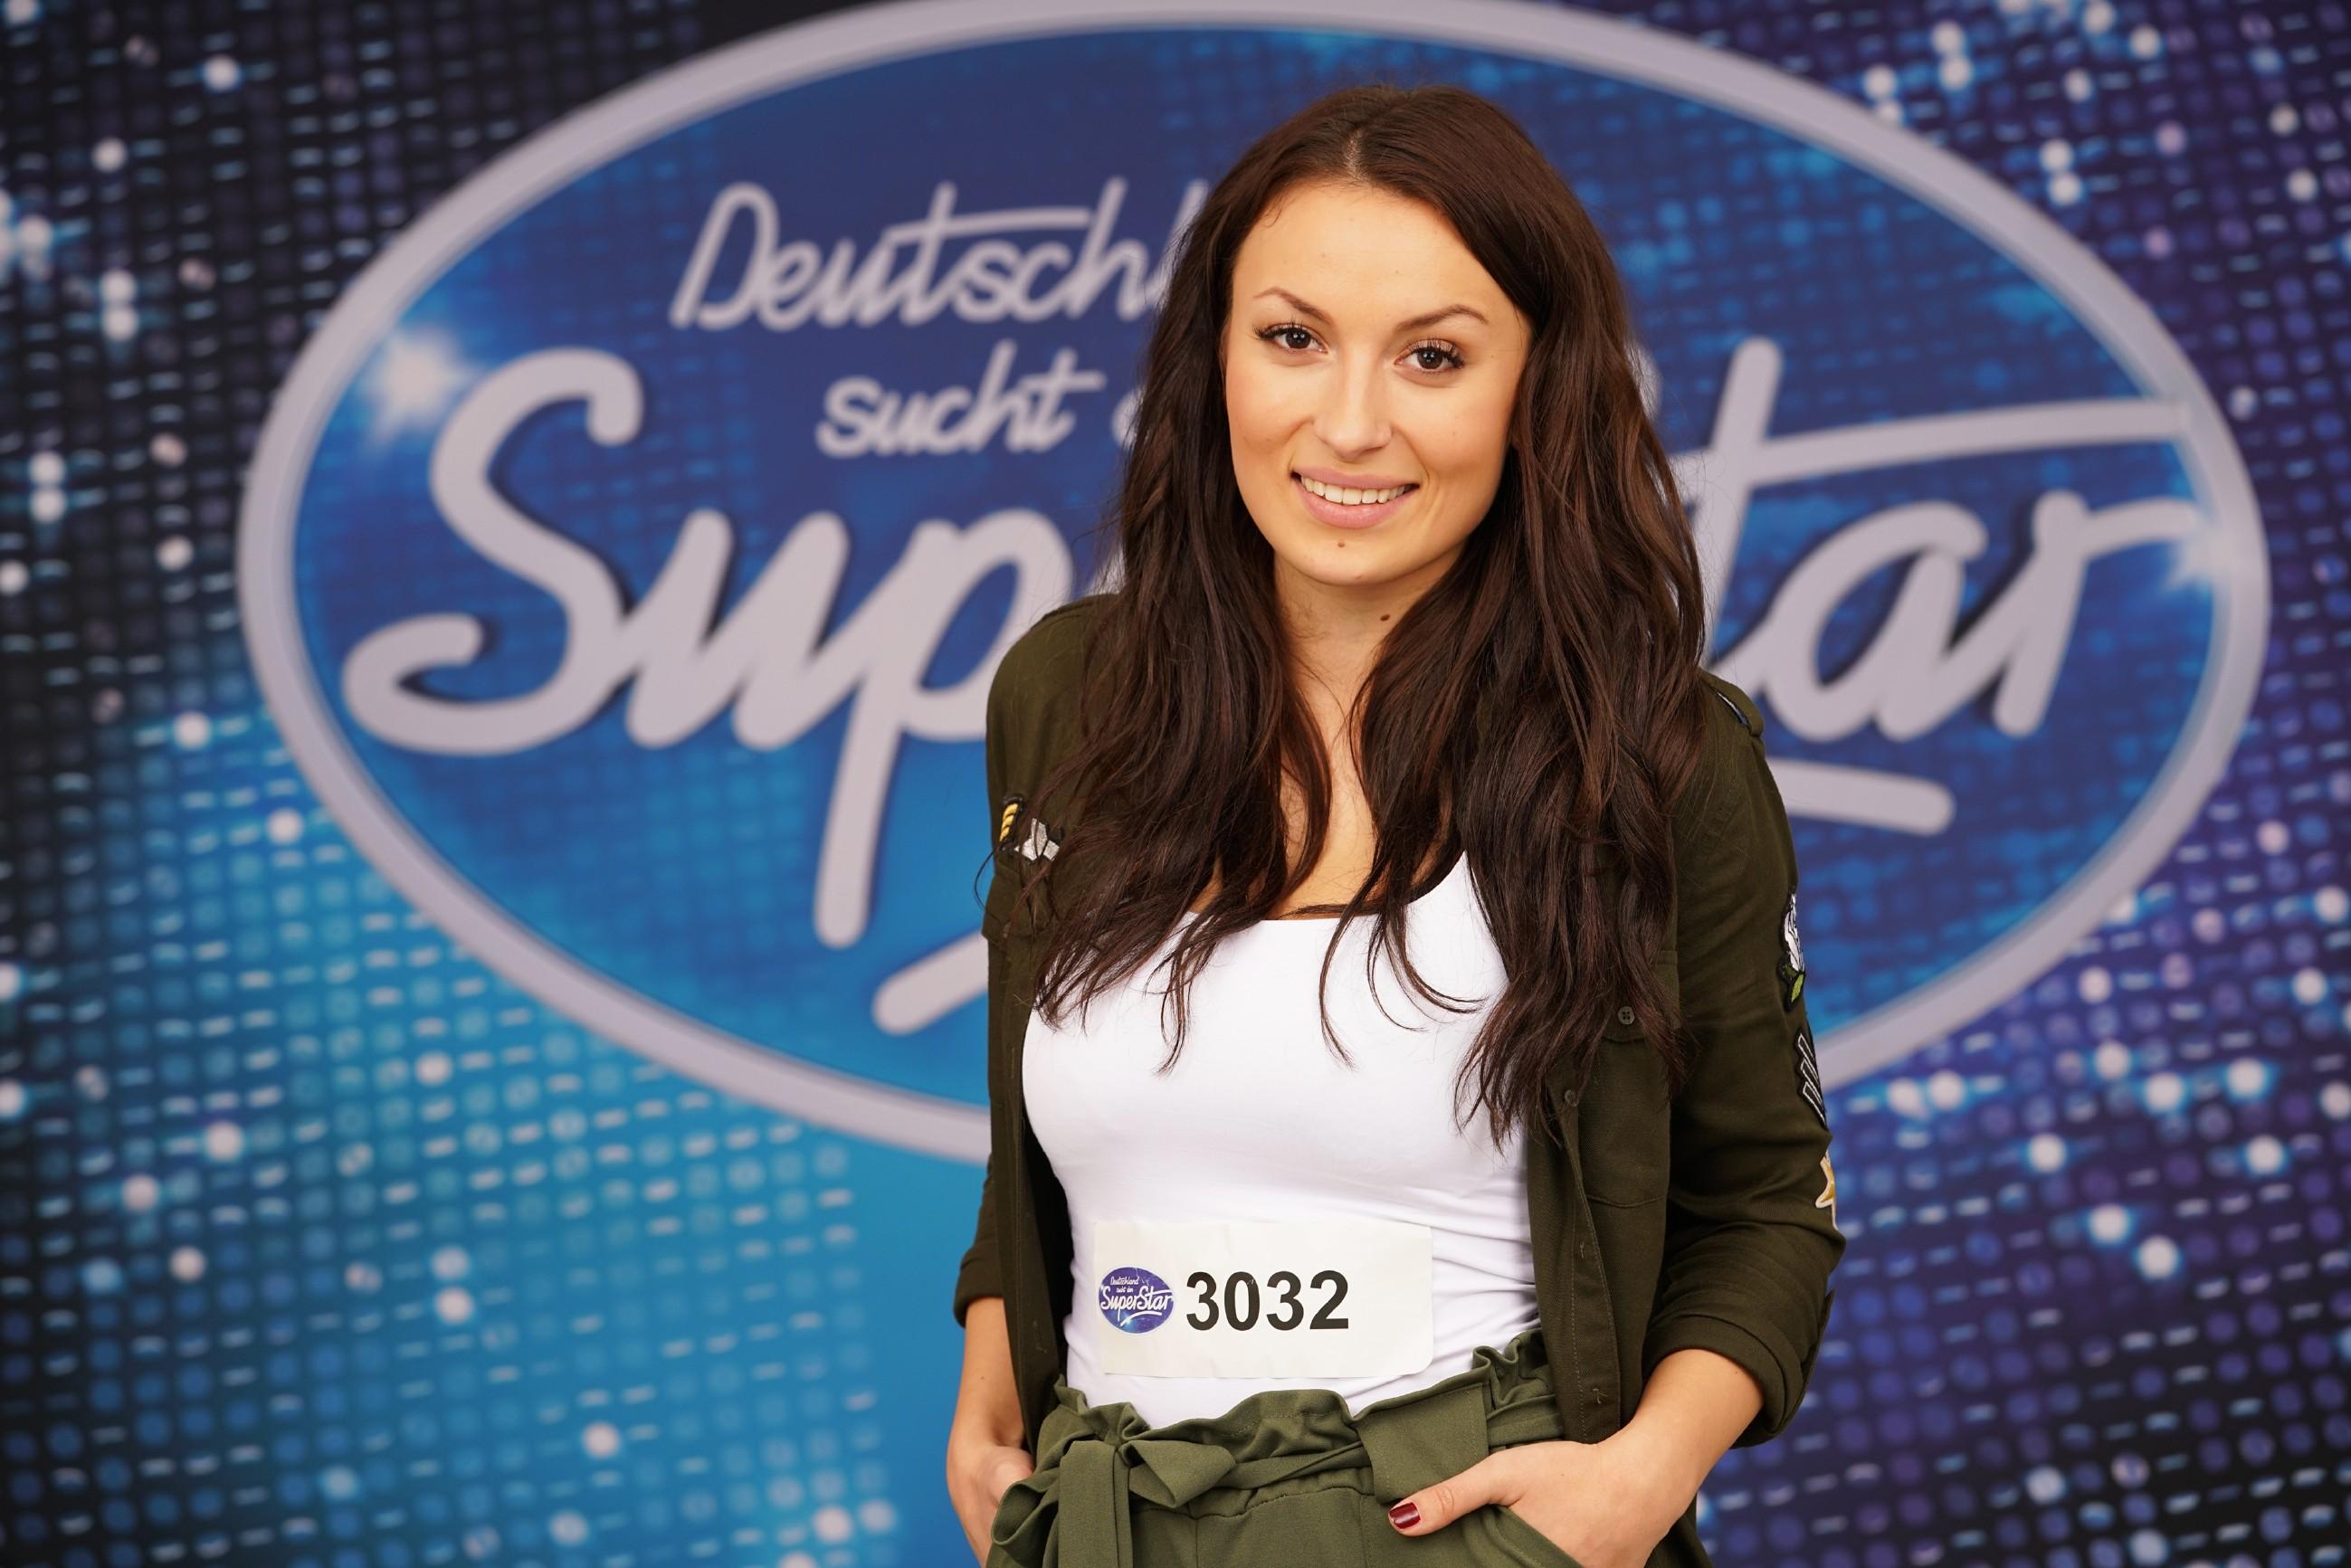 Dsds 2018 Top 24 Mia Gucek Stars On Tv